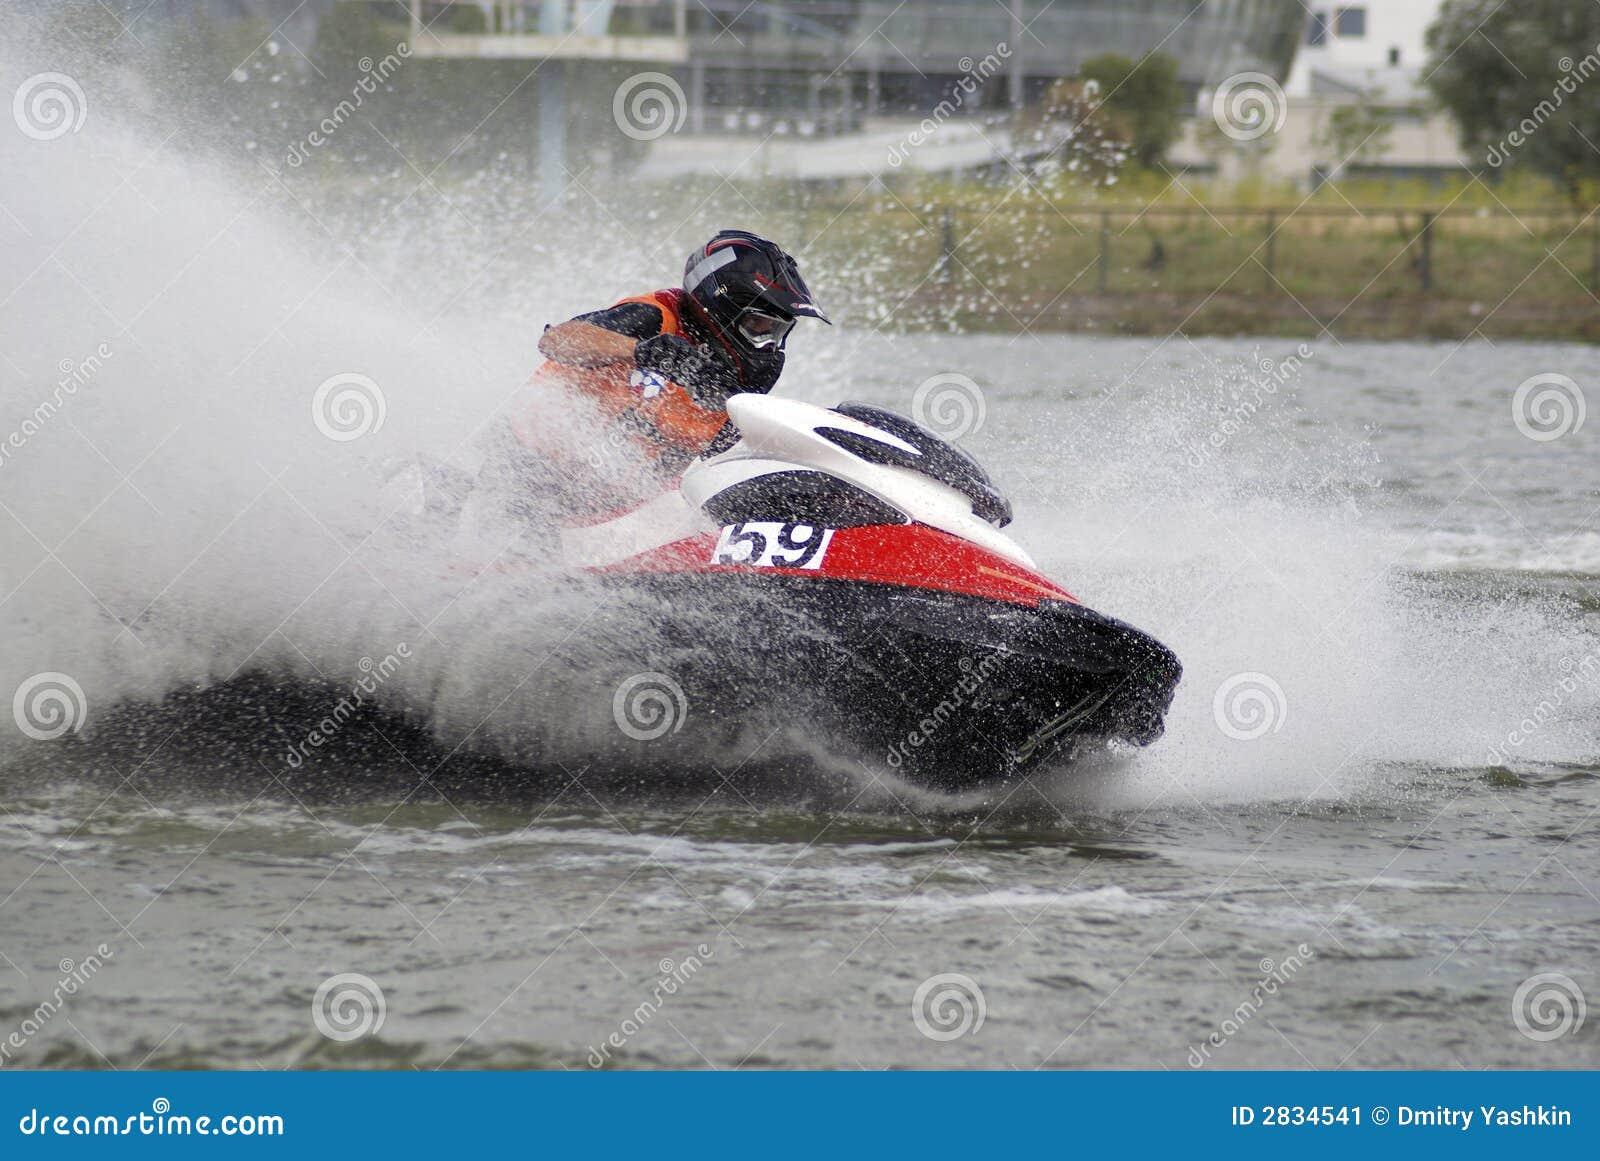 High-speed jetski5